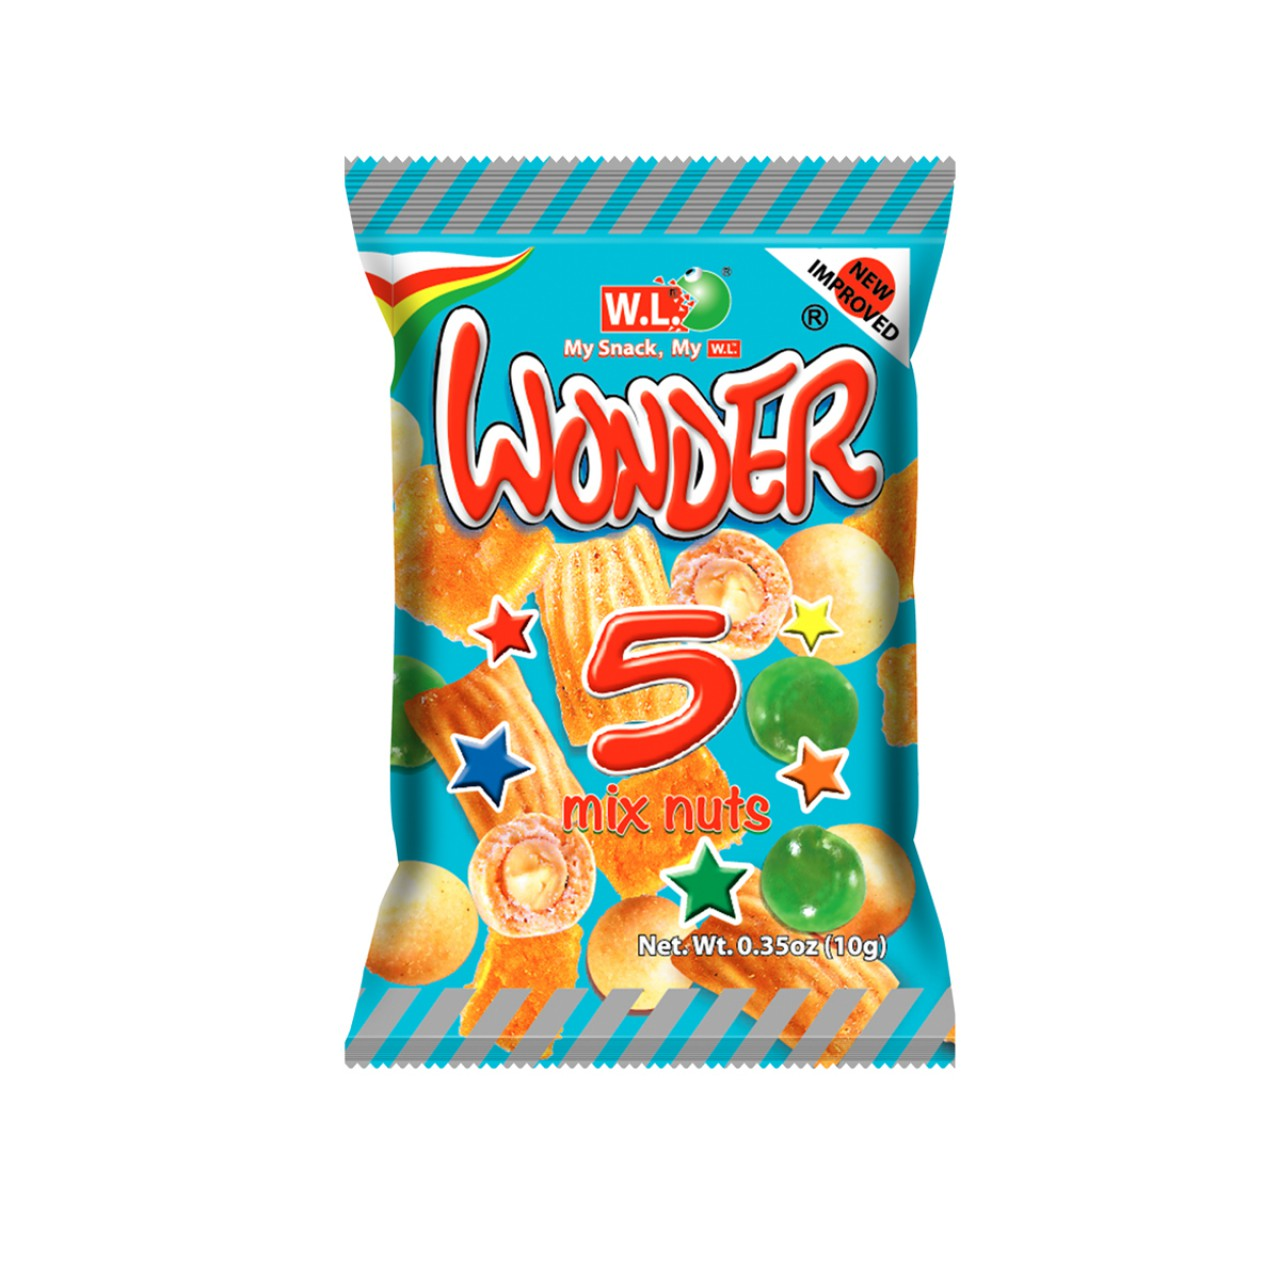 WL WONDER 5 MIX NUTS 10GX12S